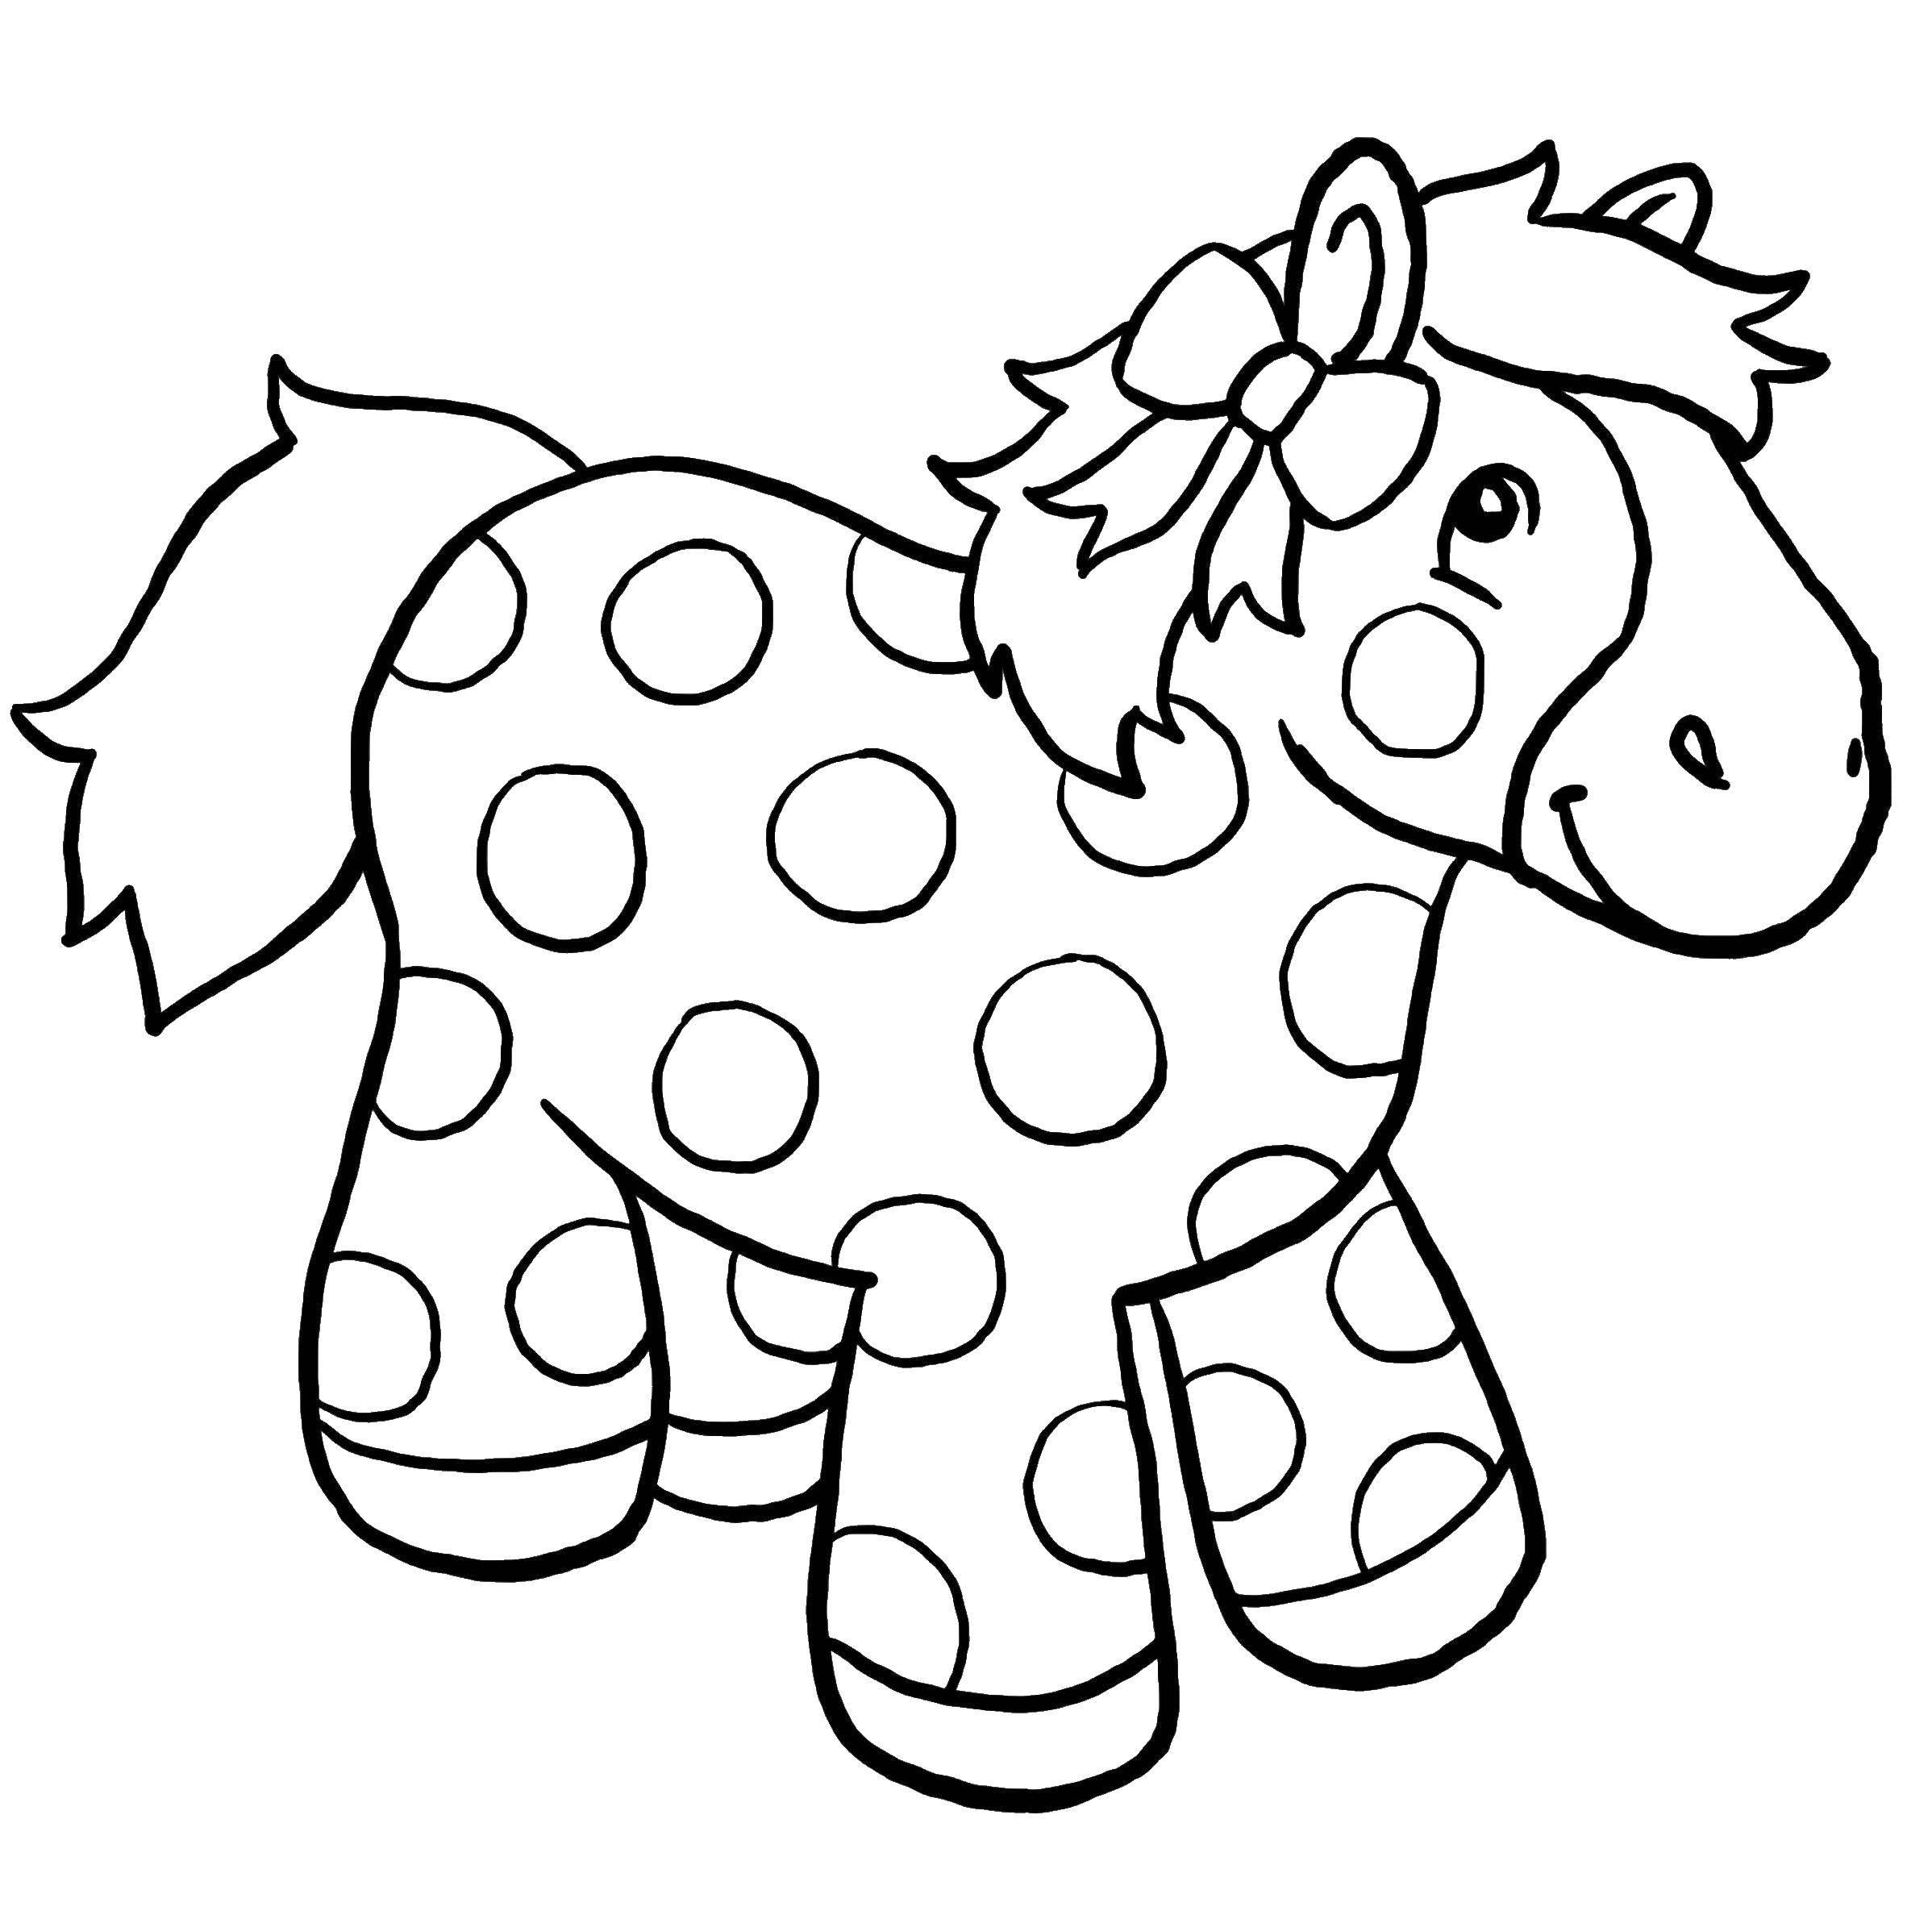 Раскраска Лошадка в крапинку Скачать Игрушка, лошадка.  Распечатать ,игрушка,